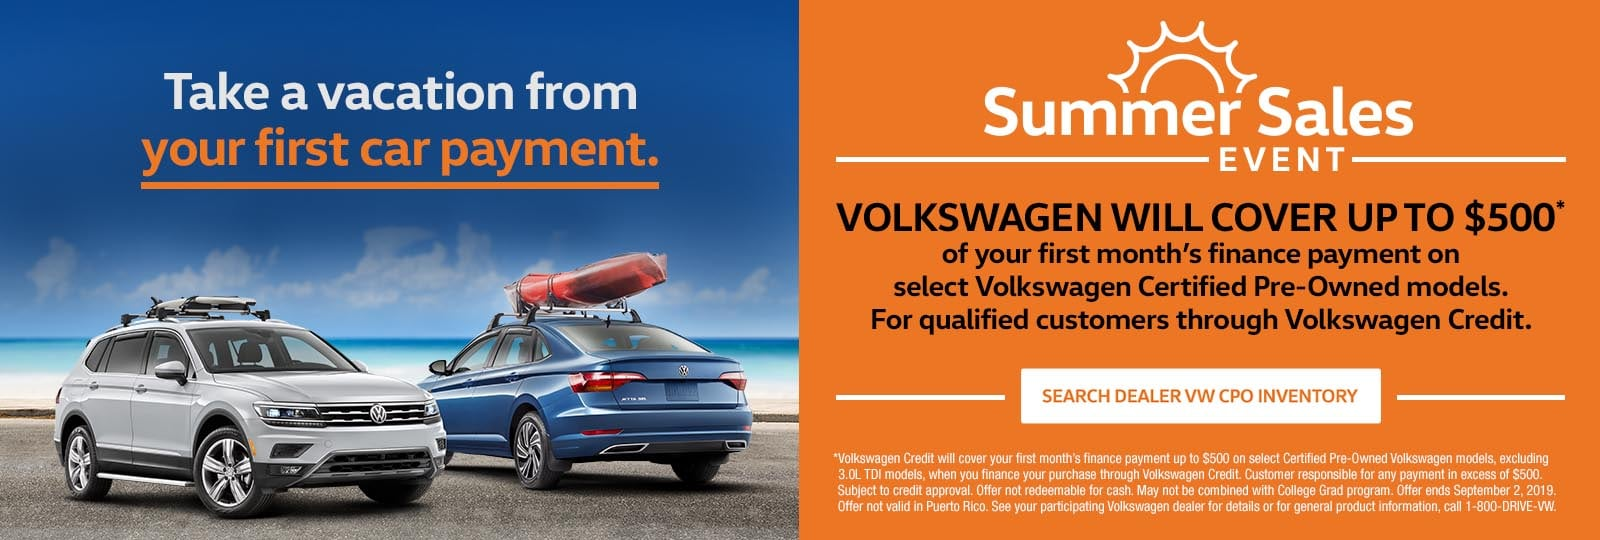 Fields Volkswagen: New & Used Cars | Daytona Beach, FL VW Dealer